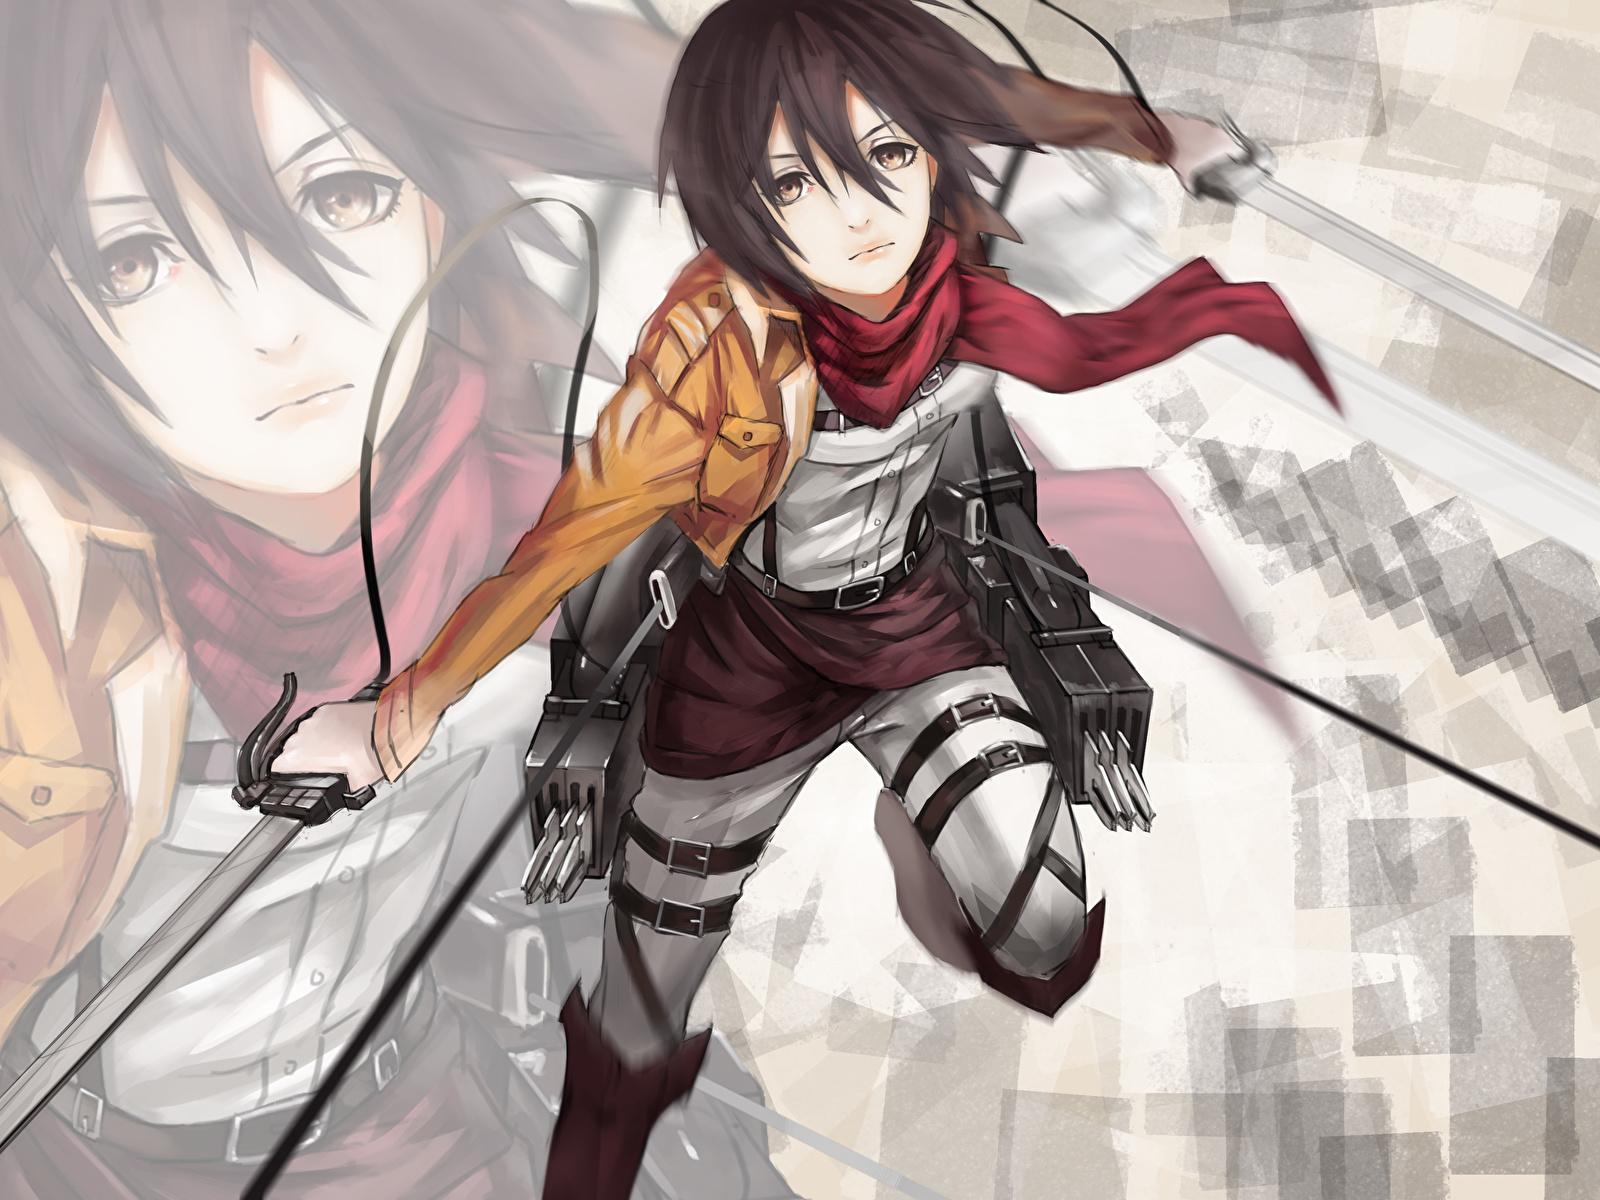 Images Attack On Titan Warrior Mikasa Ackerman Girls Anime